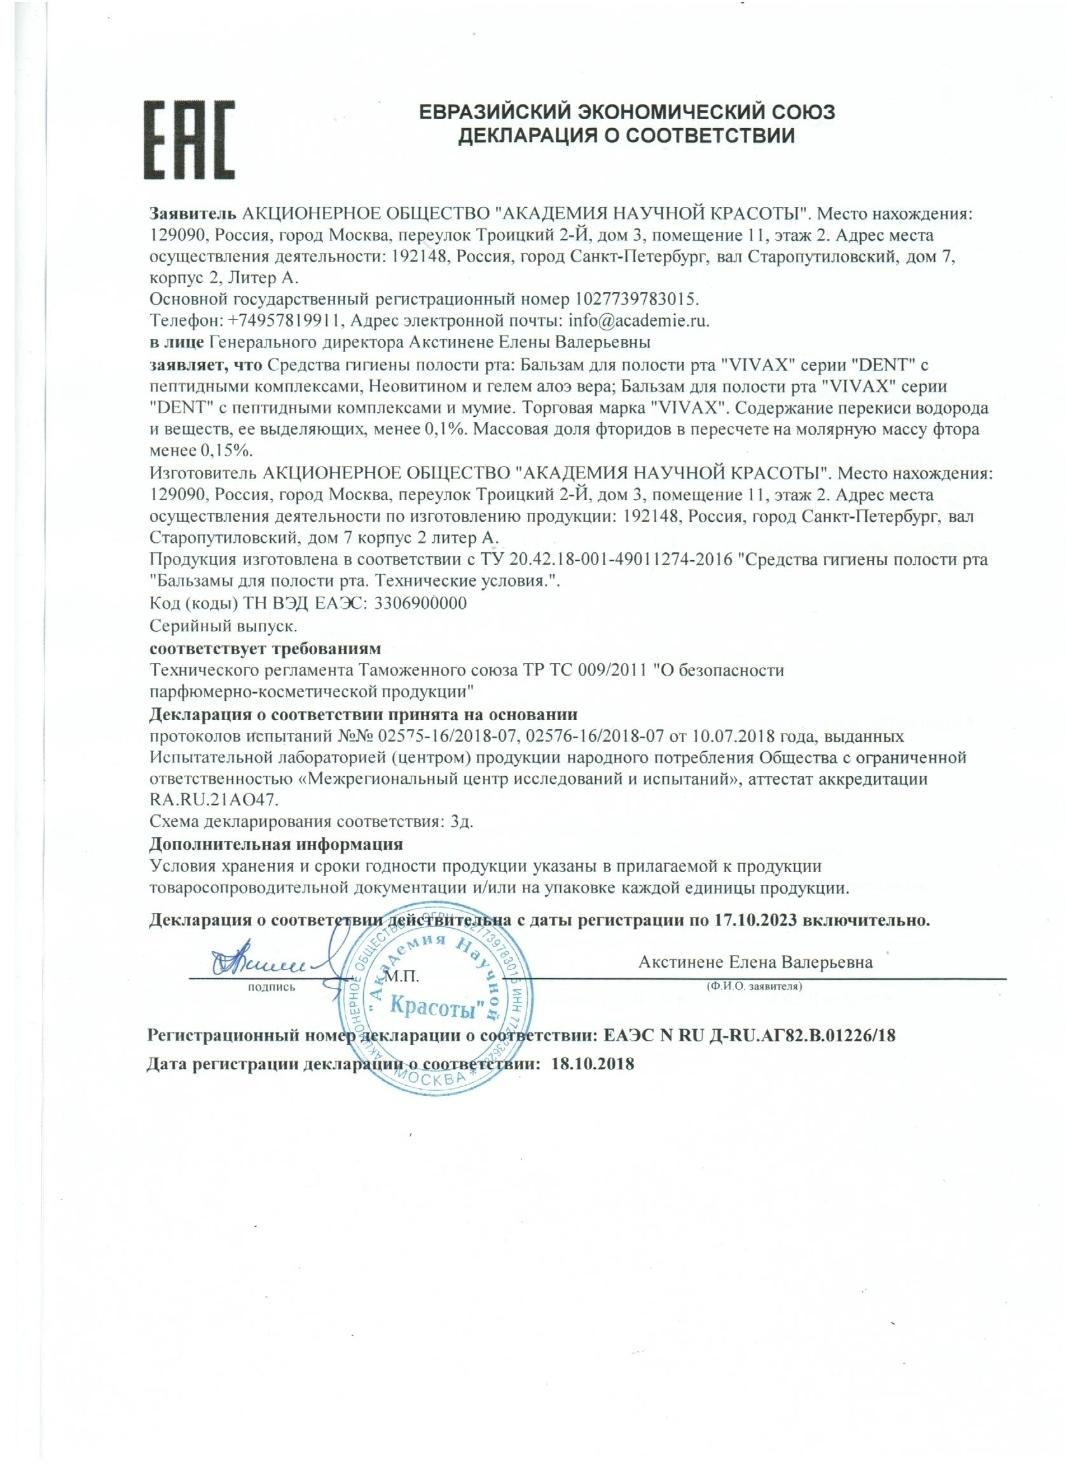 VIVAX DENT бальзам для полости рта с пептидами и Мумие - Декларация соответствия